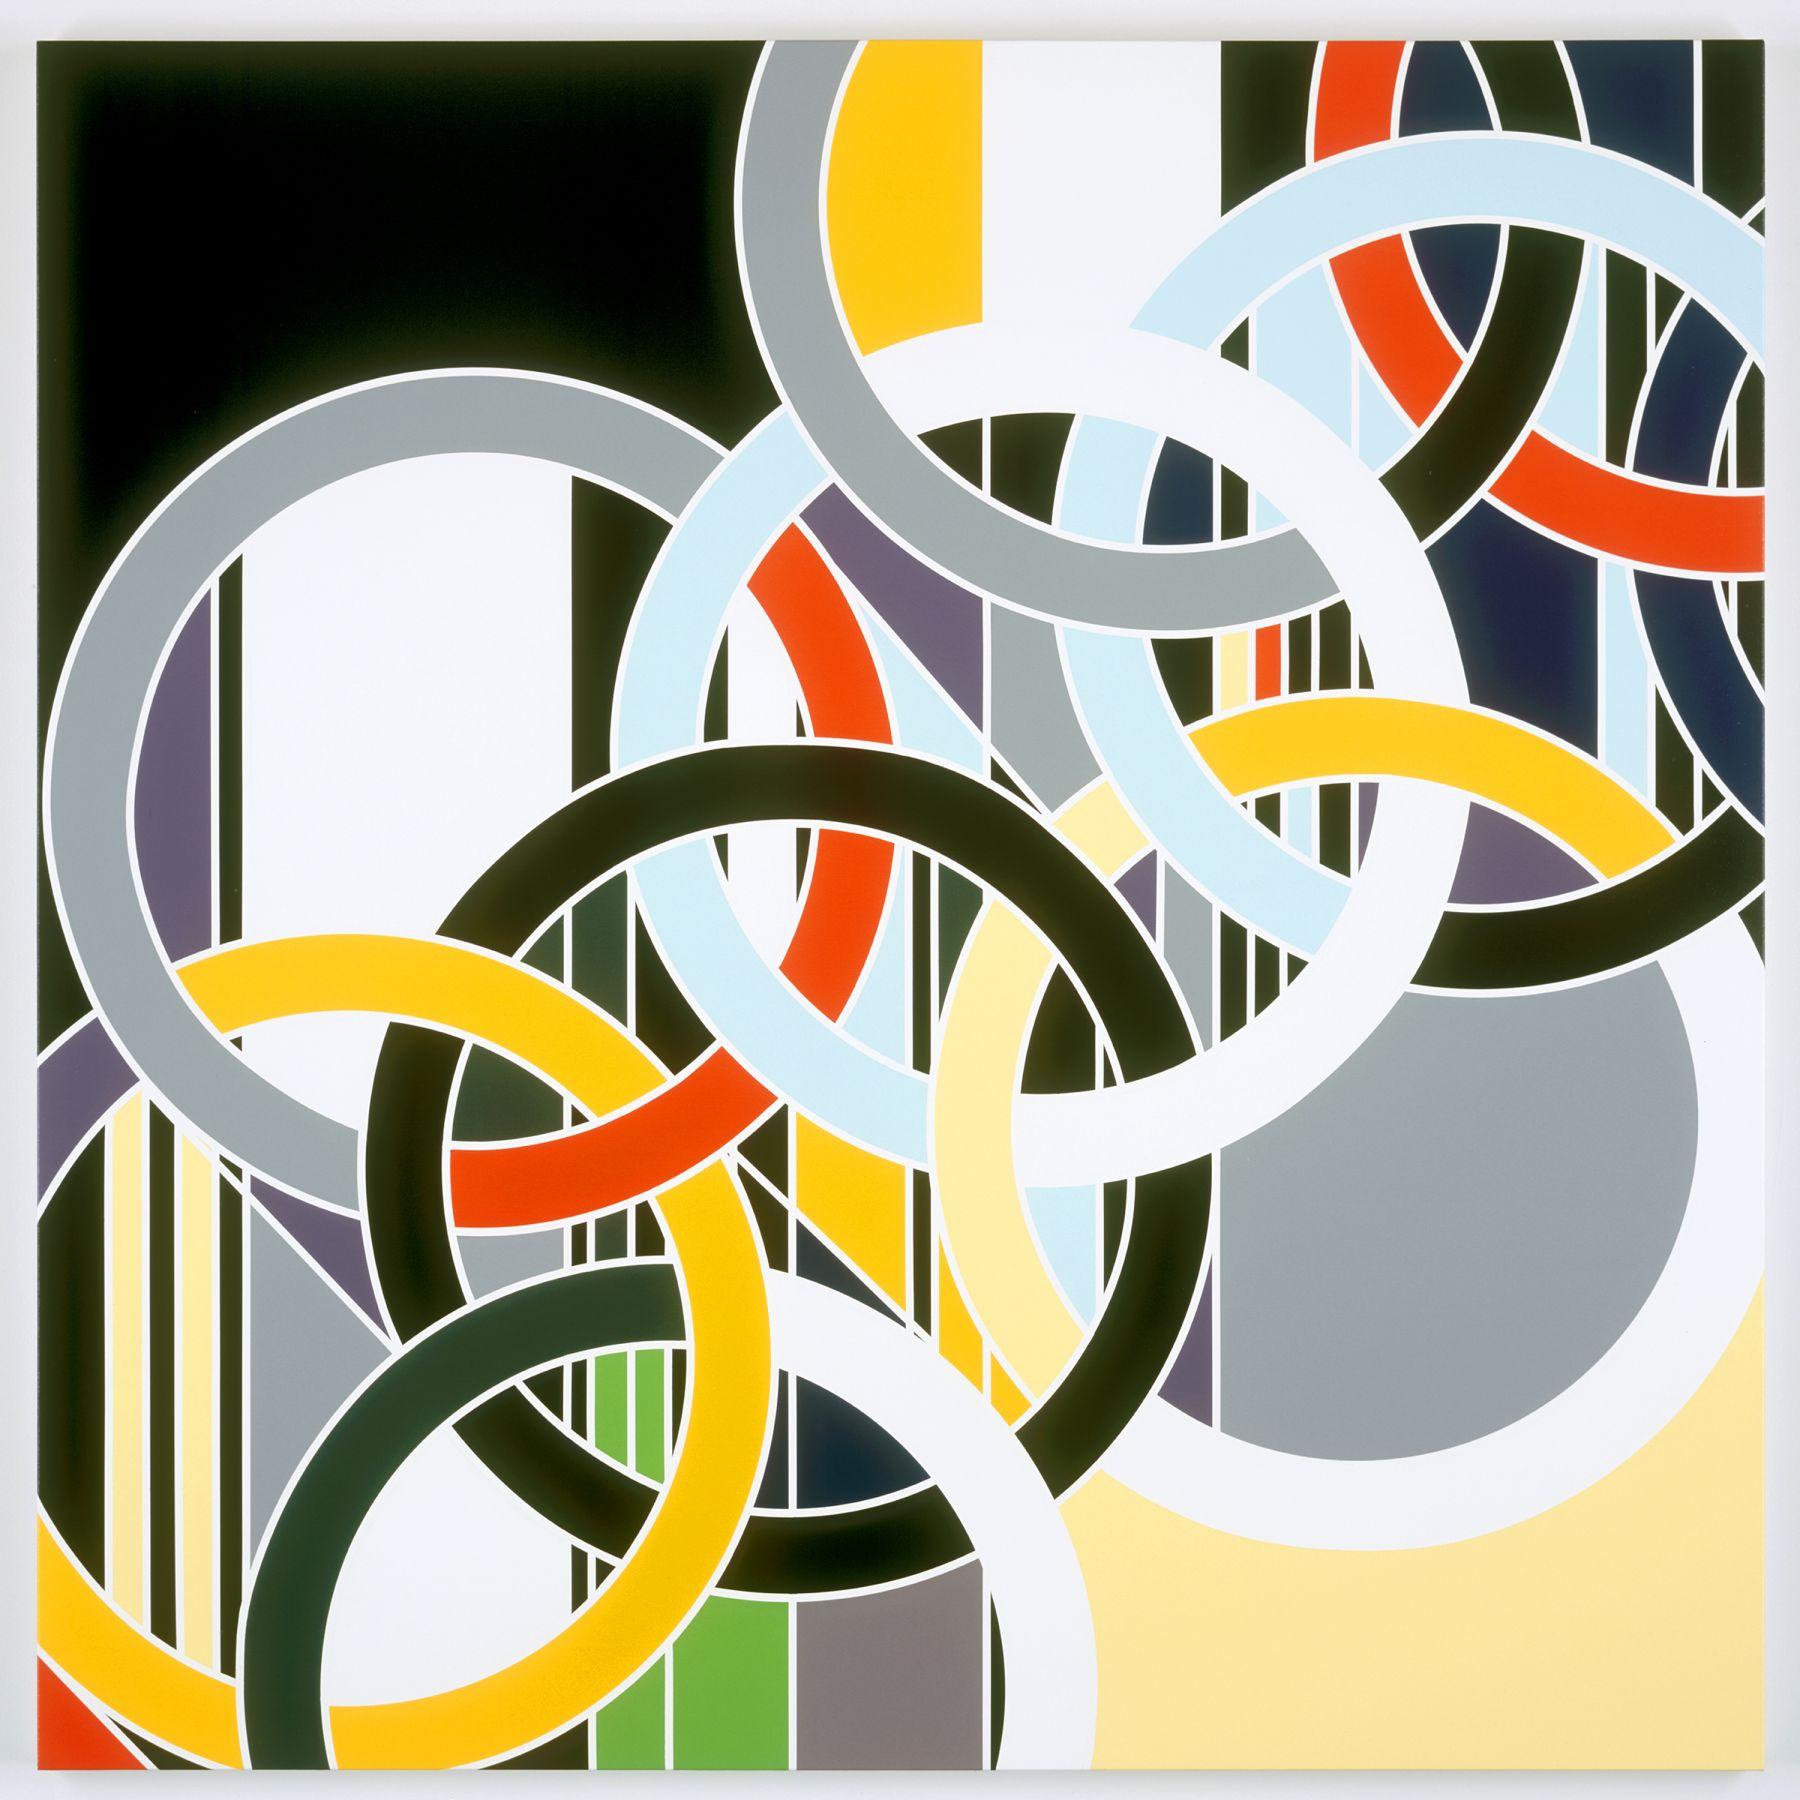 1952 [Rings] 2006